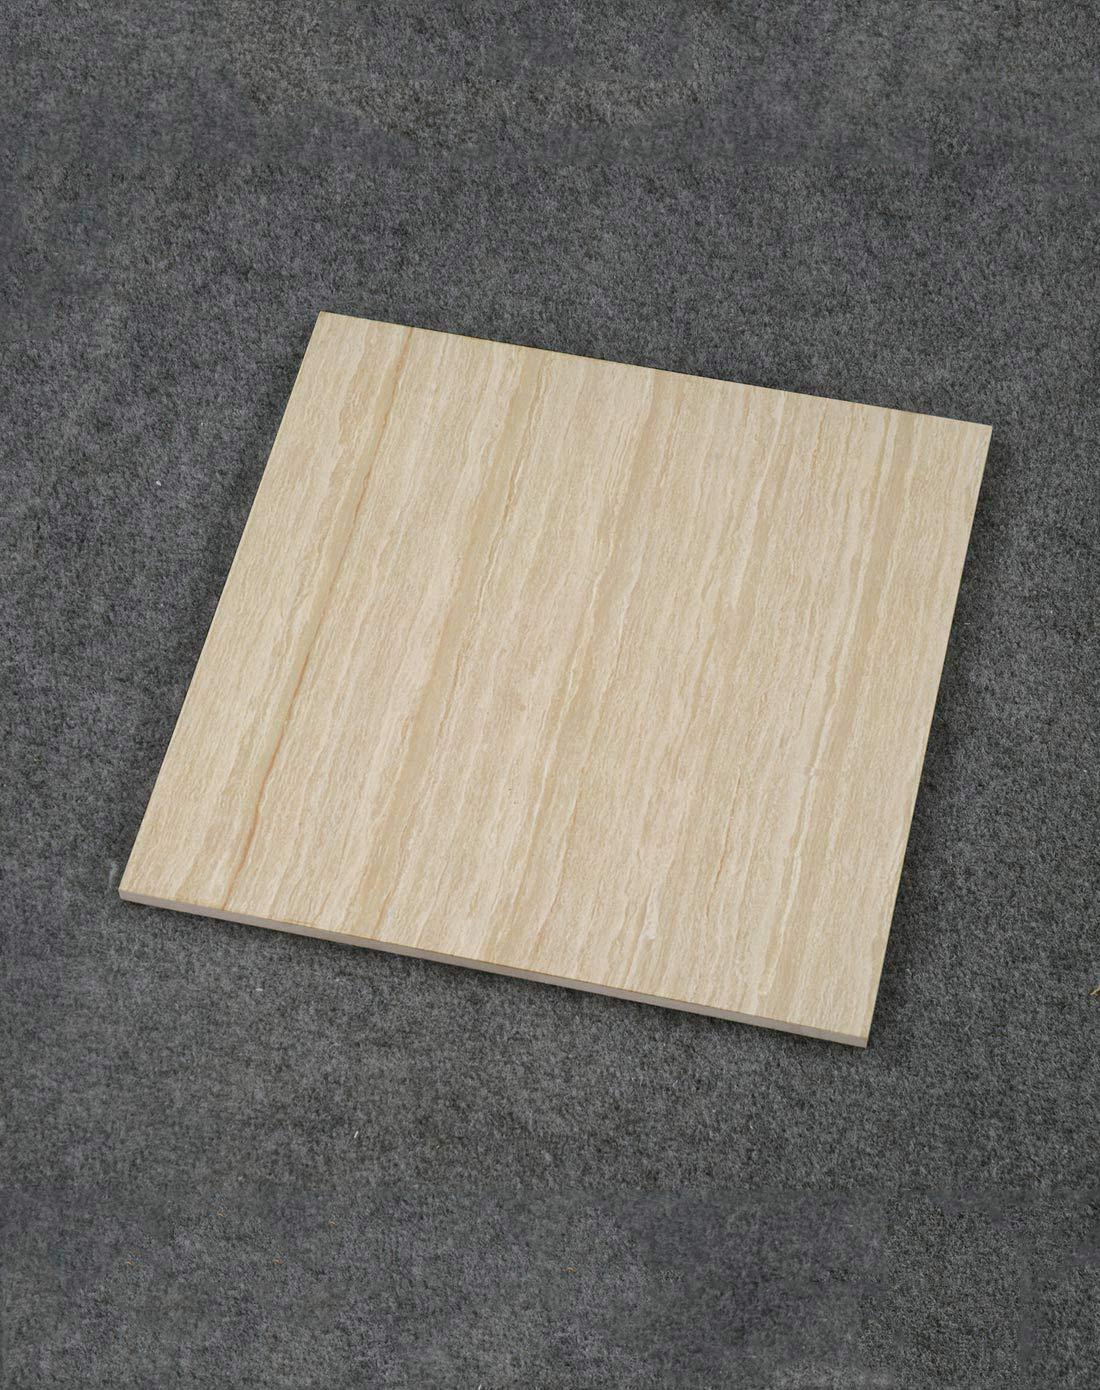 600*600抛光砖木纹洞石(2箱装)